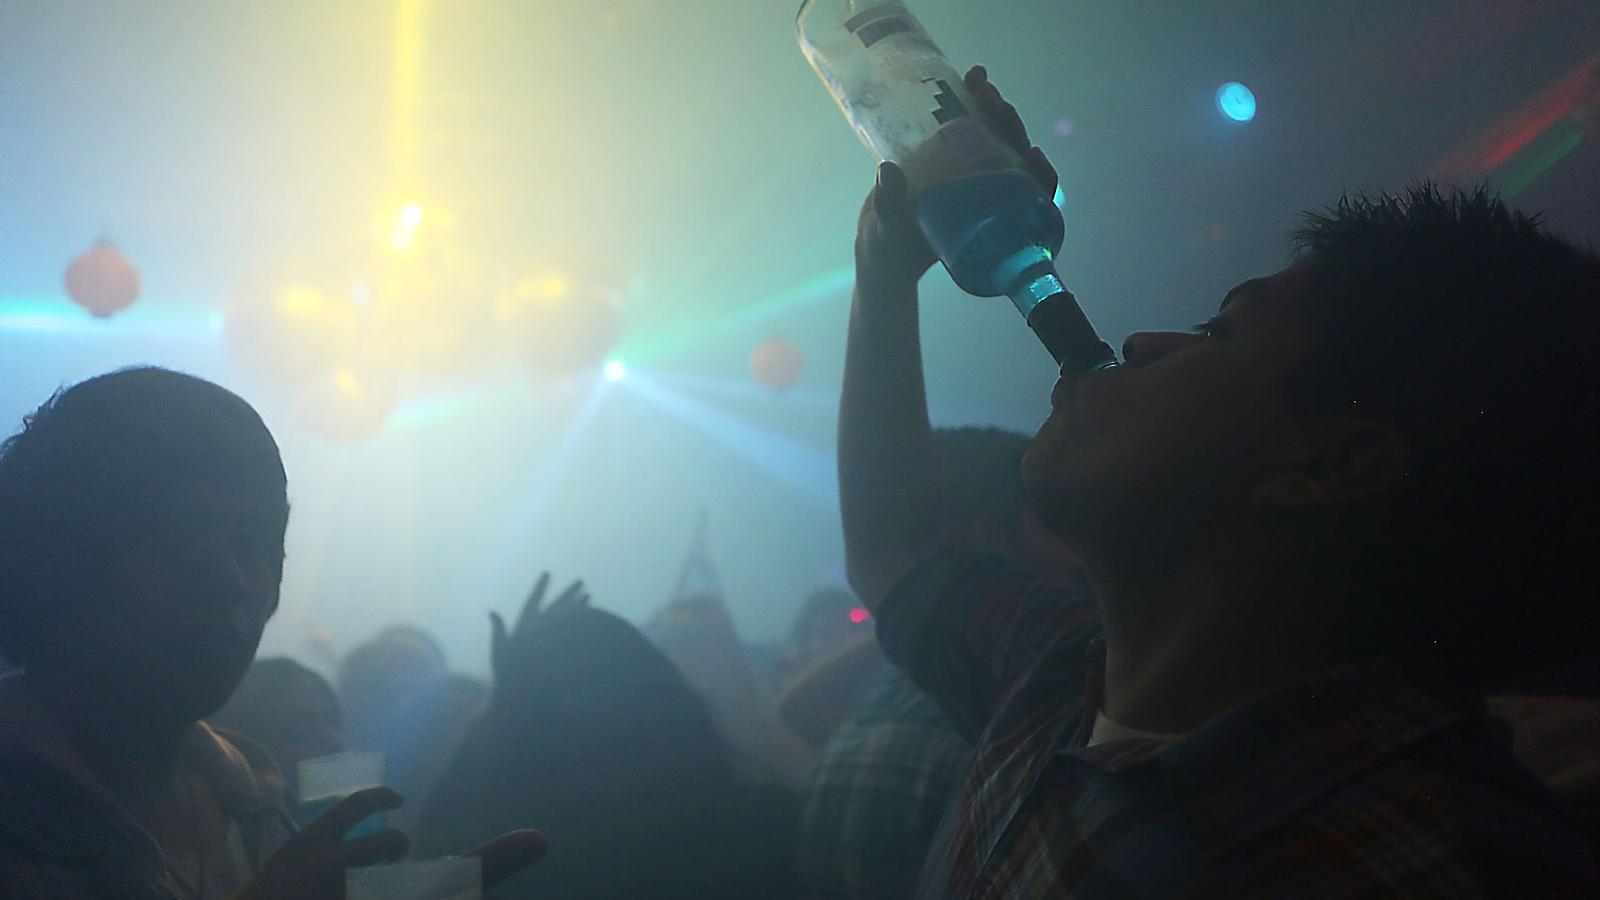 És més fàcil aprofitar-se d'algú que ha begut massa o convèncer-lo perquè begui que posar-li droga al got.